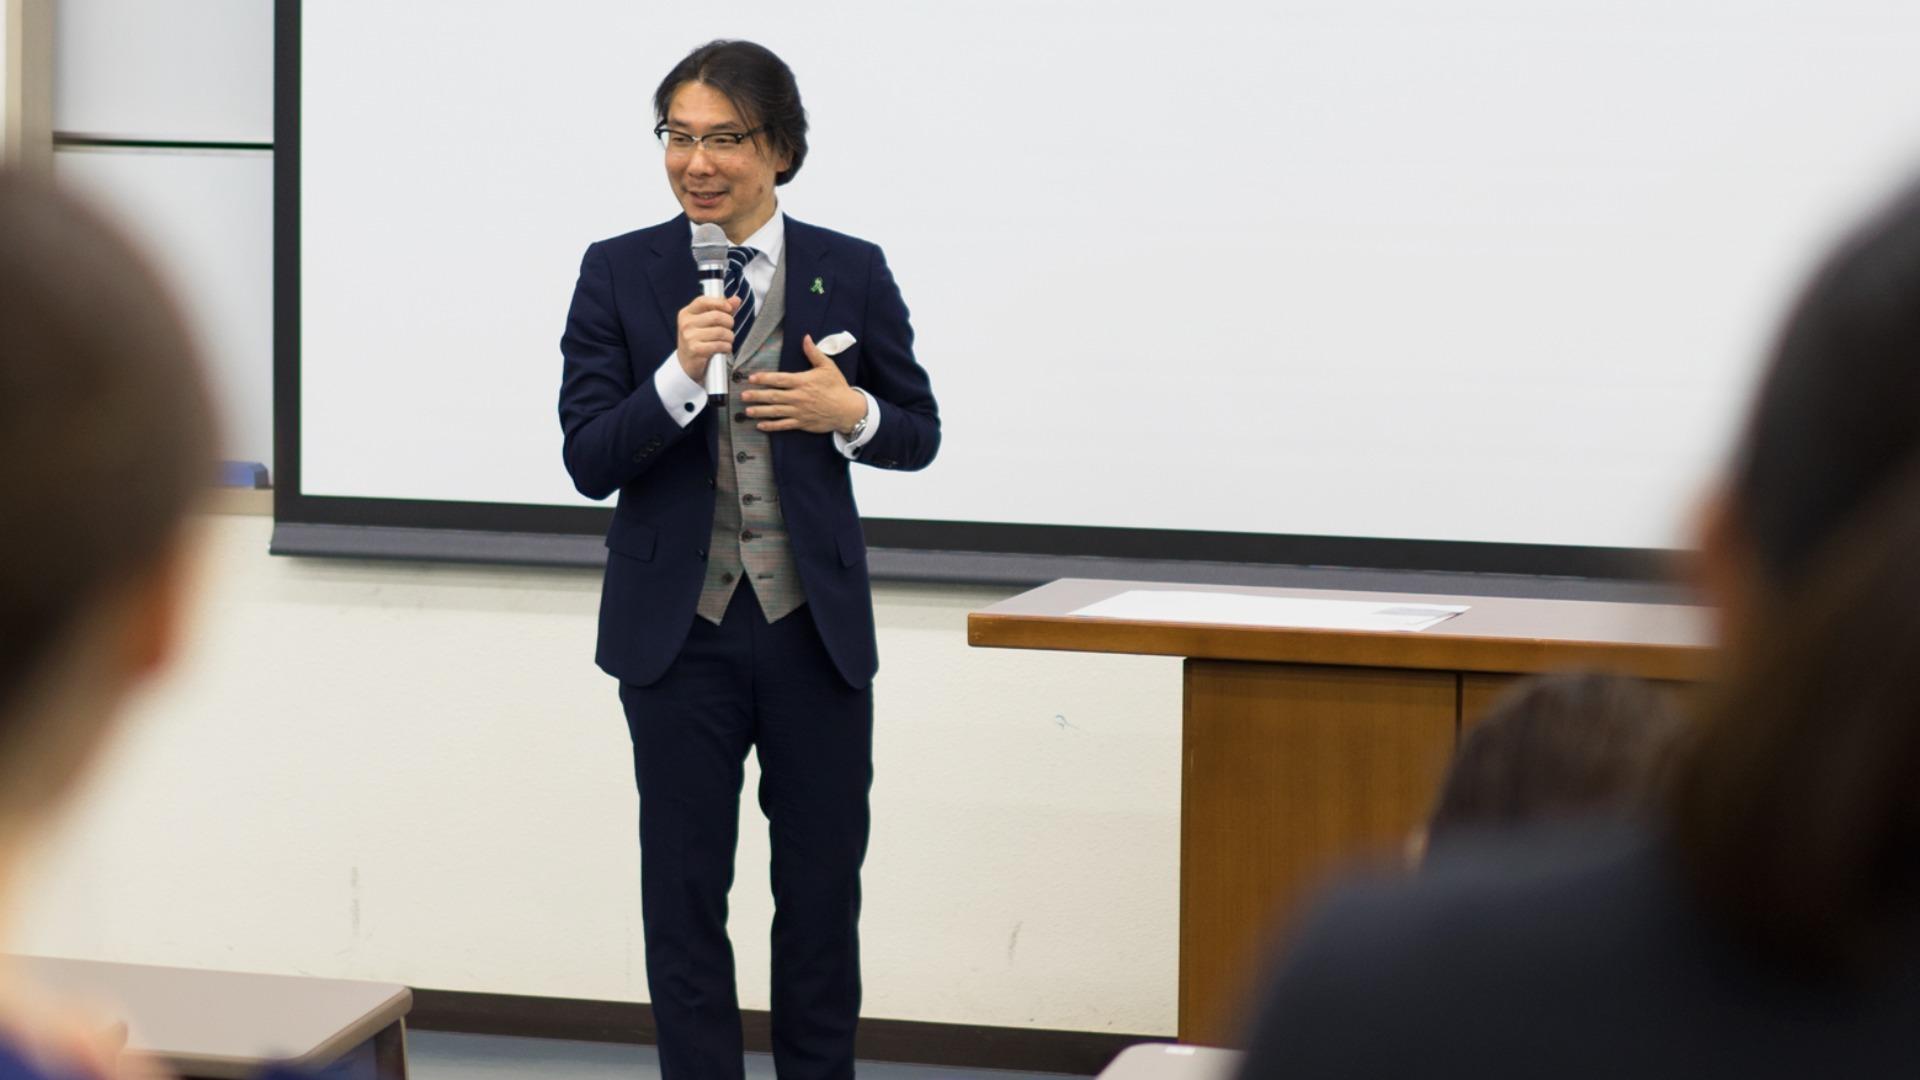 MBA(経営管理修士)名倉真悟